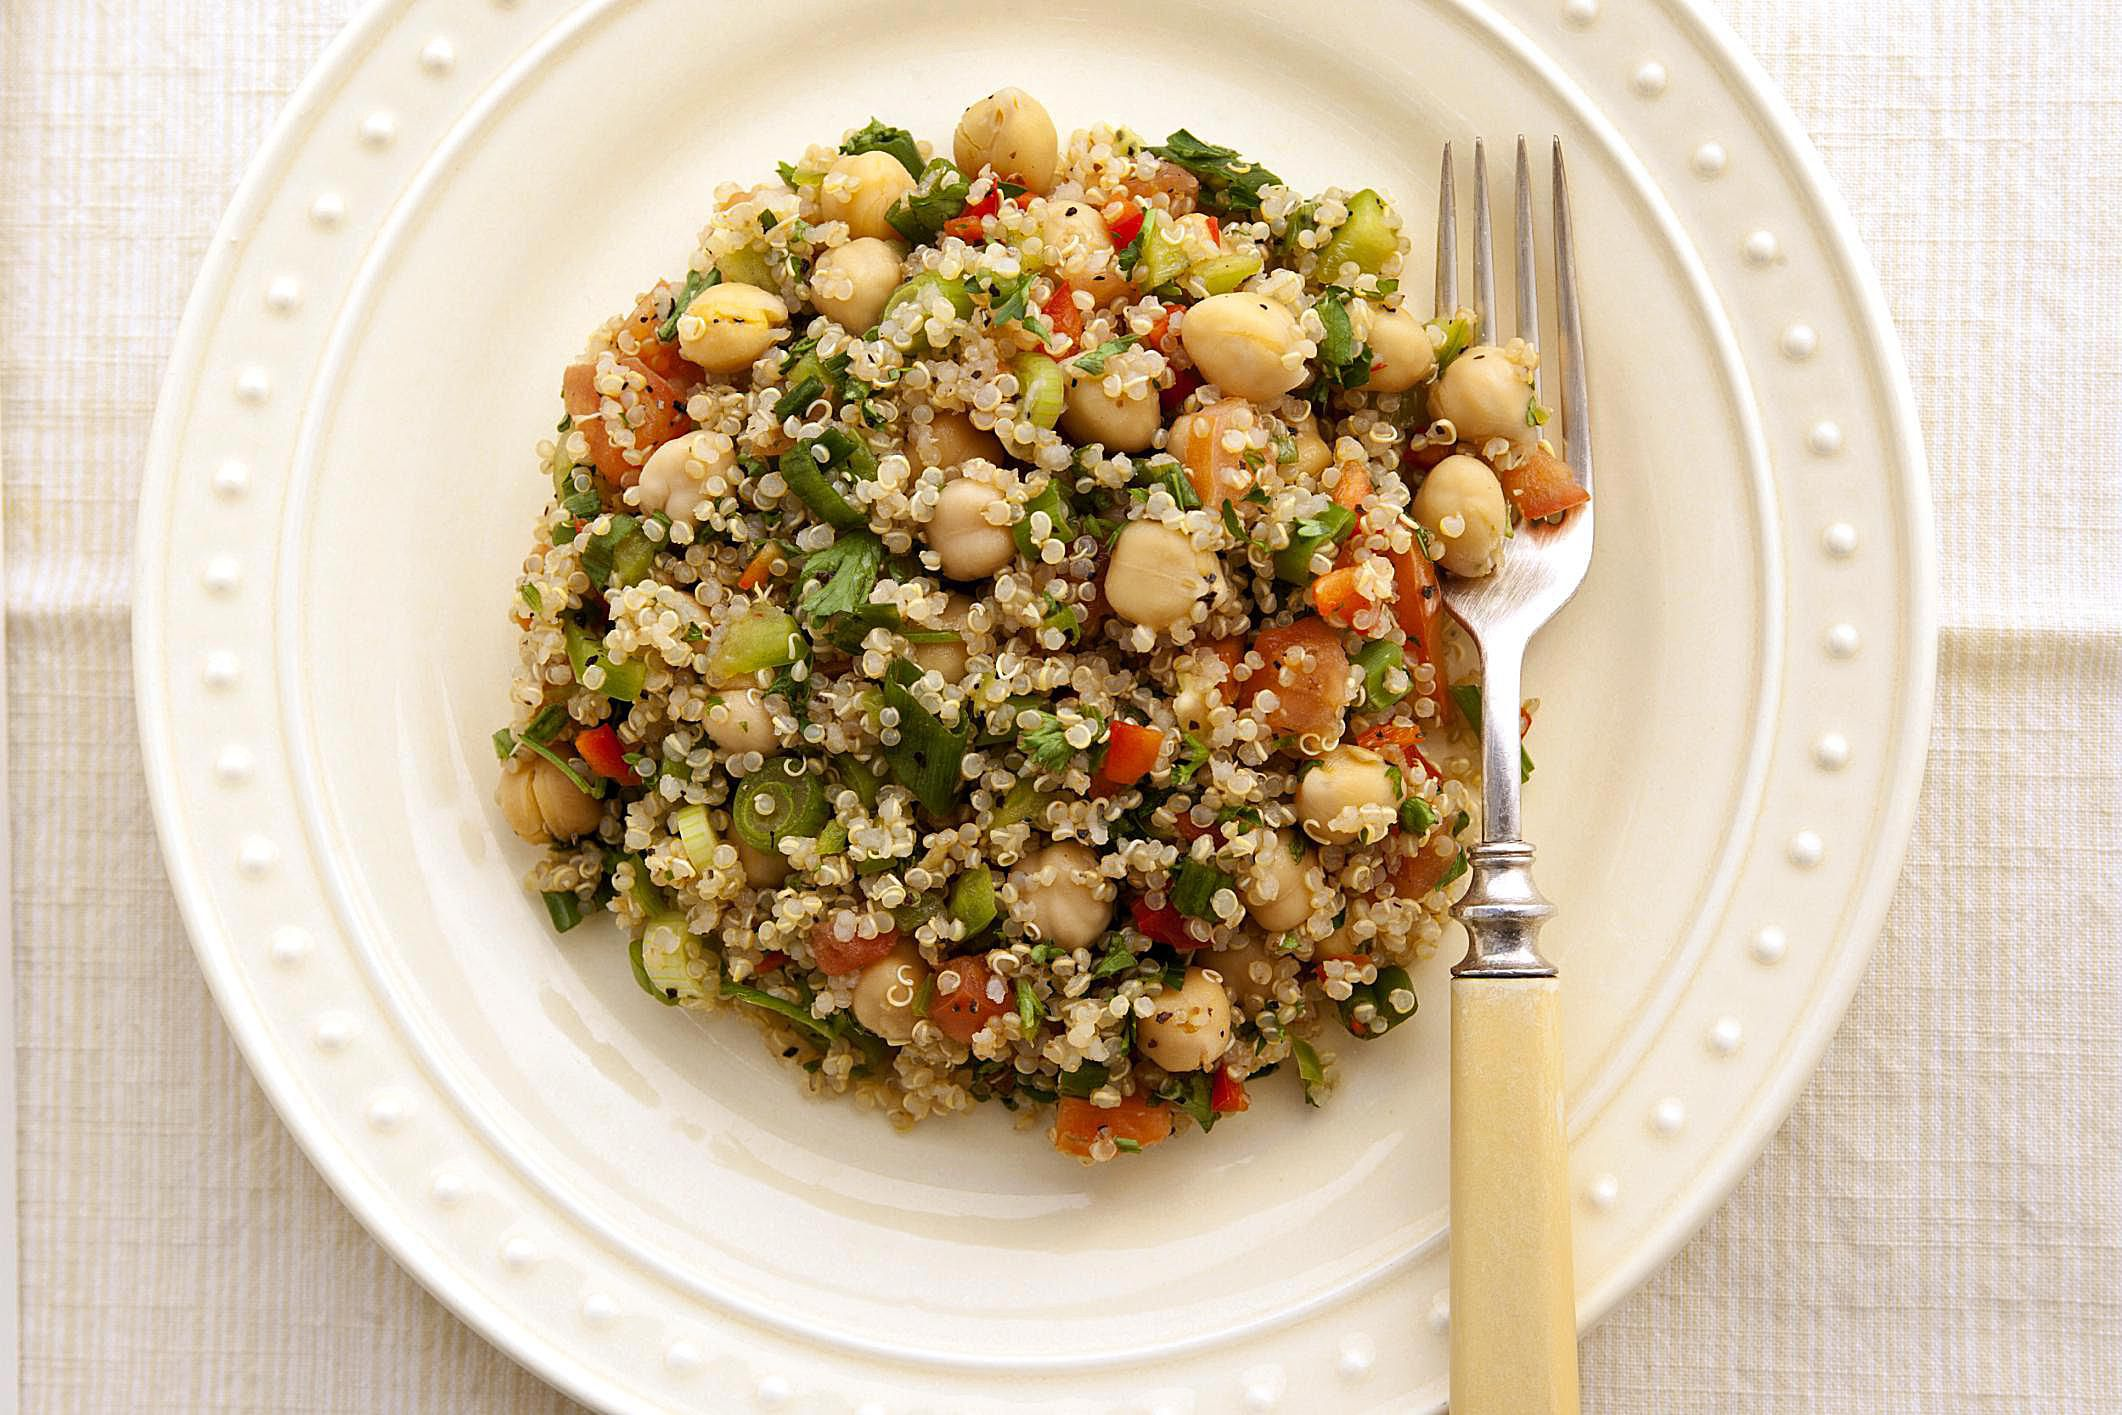 Салат с киноа - вкусные, полезные и сытные рецепты блюда на каждый день